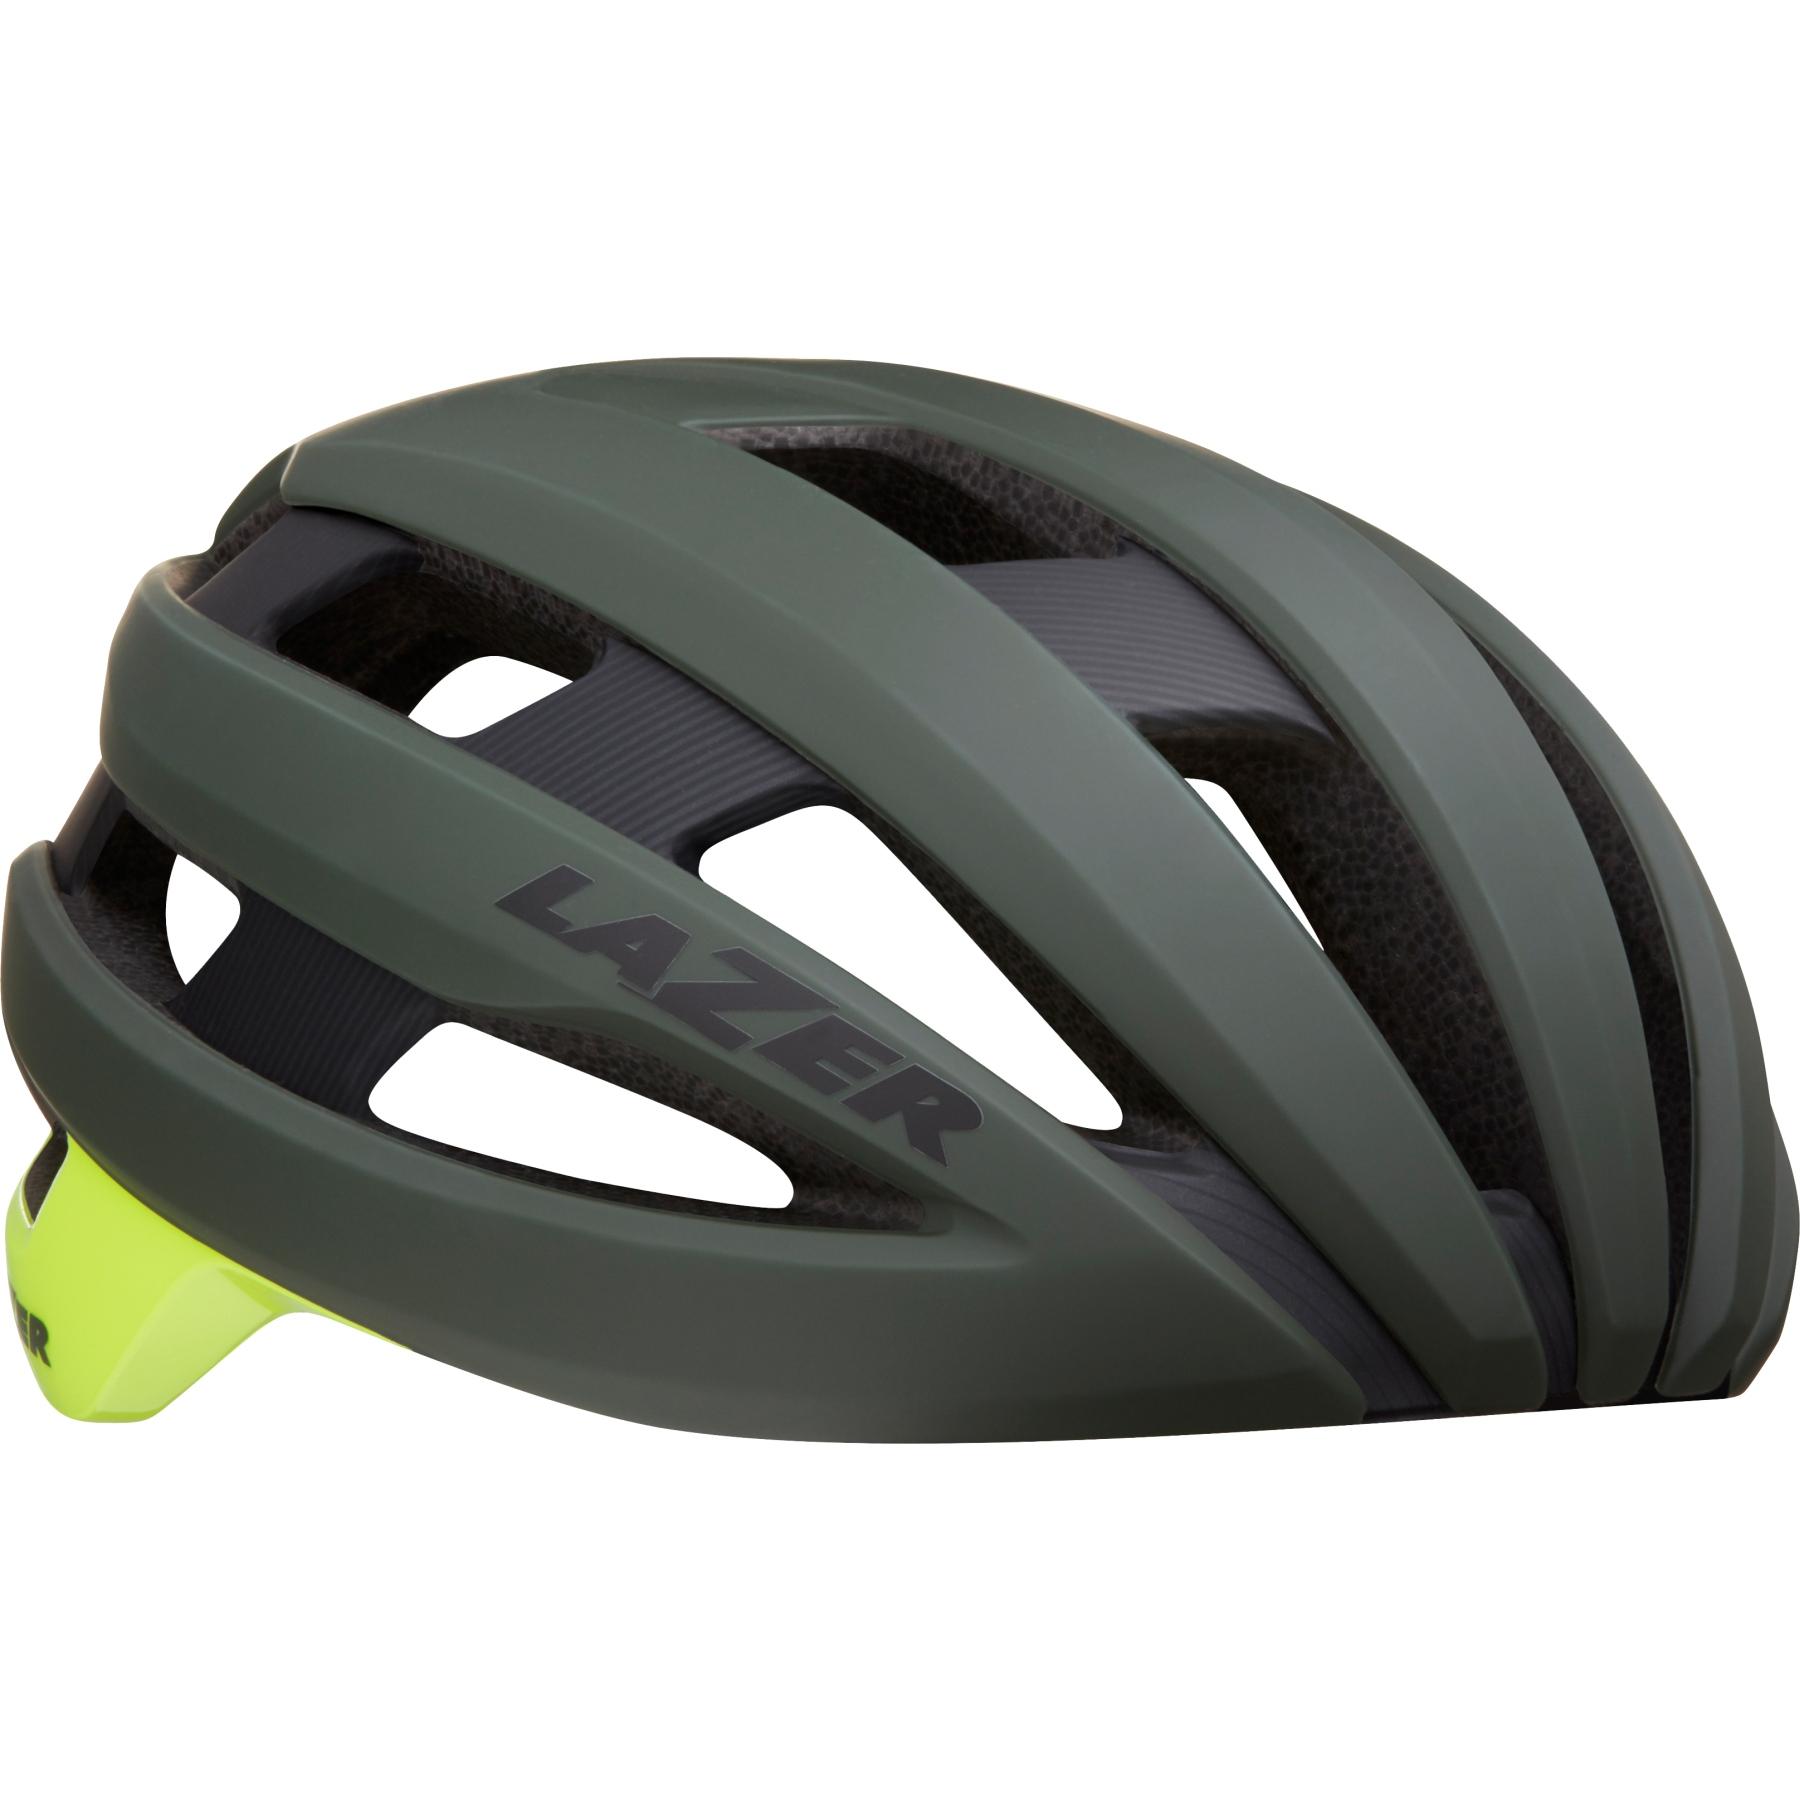 Lazer Sphere MIPS Helm - matte dark green flash yellow